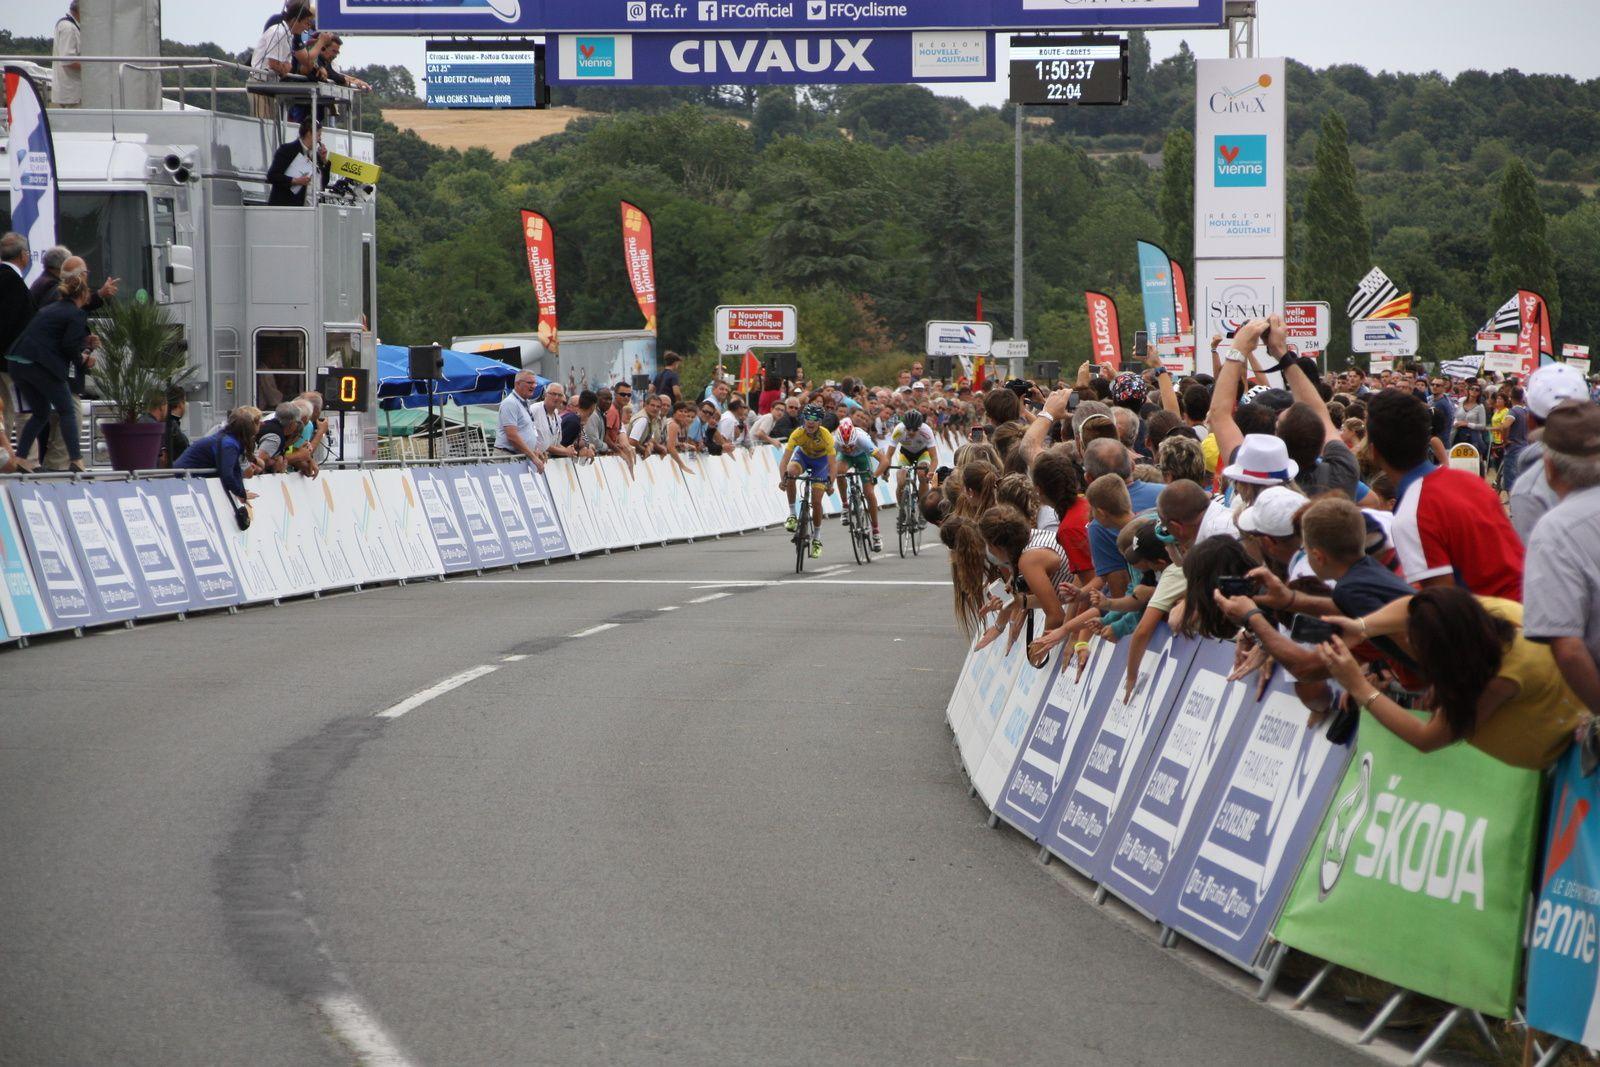 l'arrivée  avec  la  victoire  de  Clément  AULNETTE(Pays de Loire), 2e  Oscar  LENTINI (Cote d'Azur), 3e  Léo  GUICHARD(Rhone-Alpes)